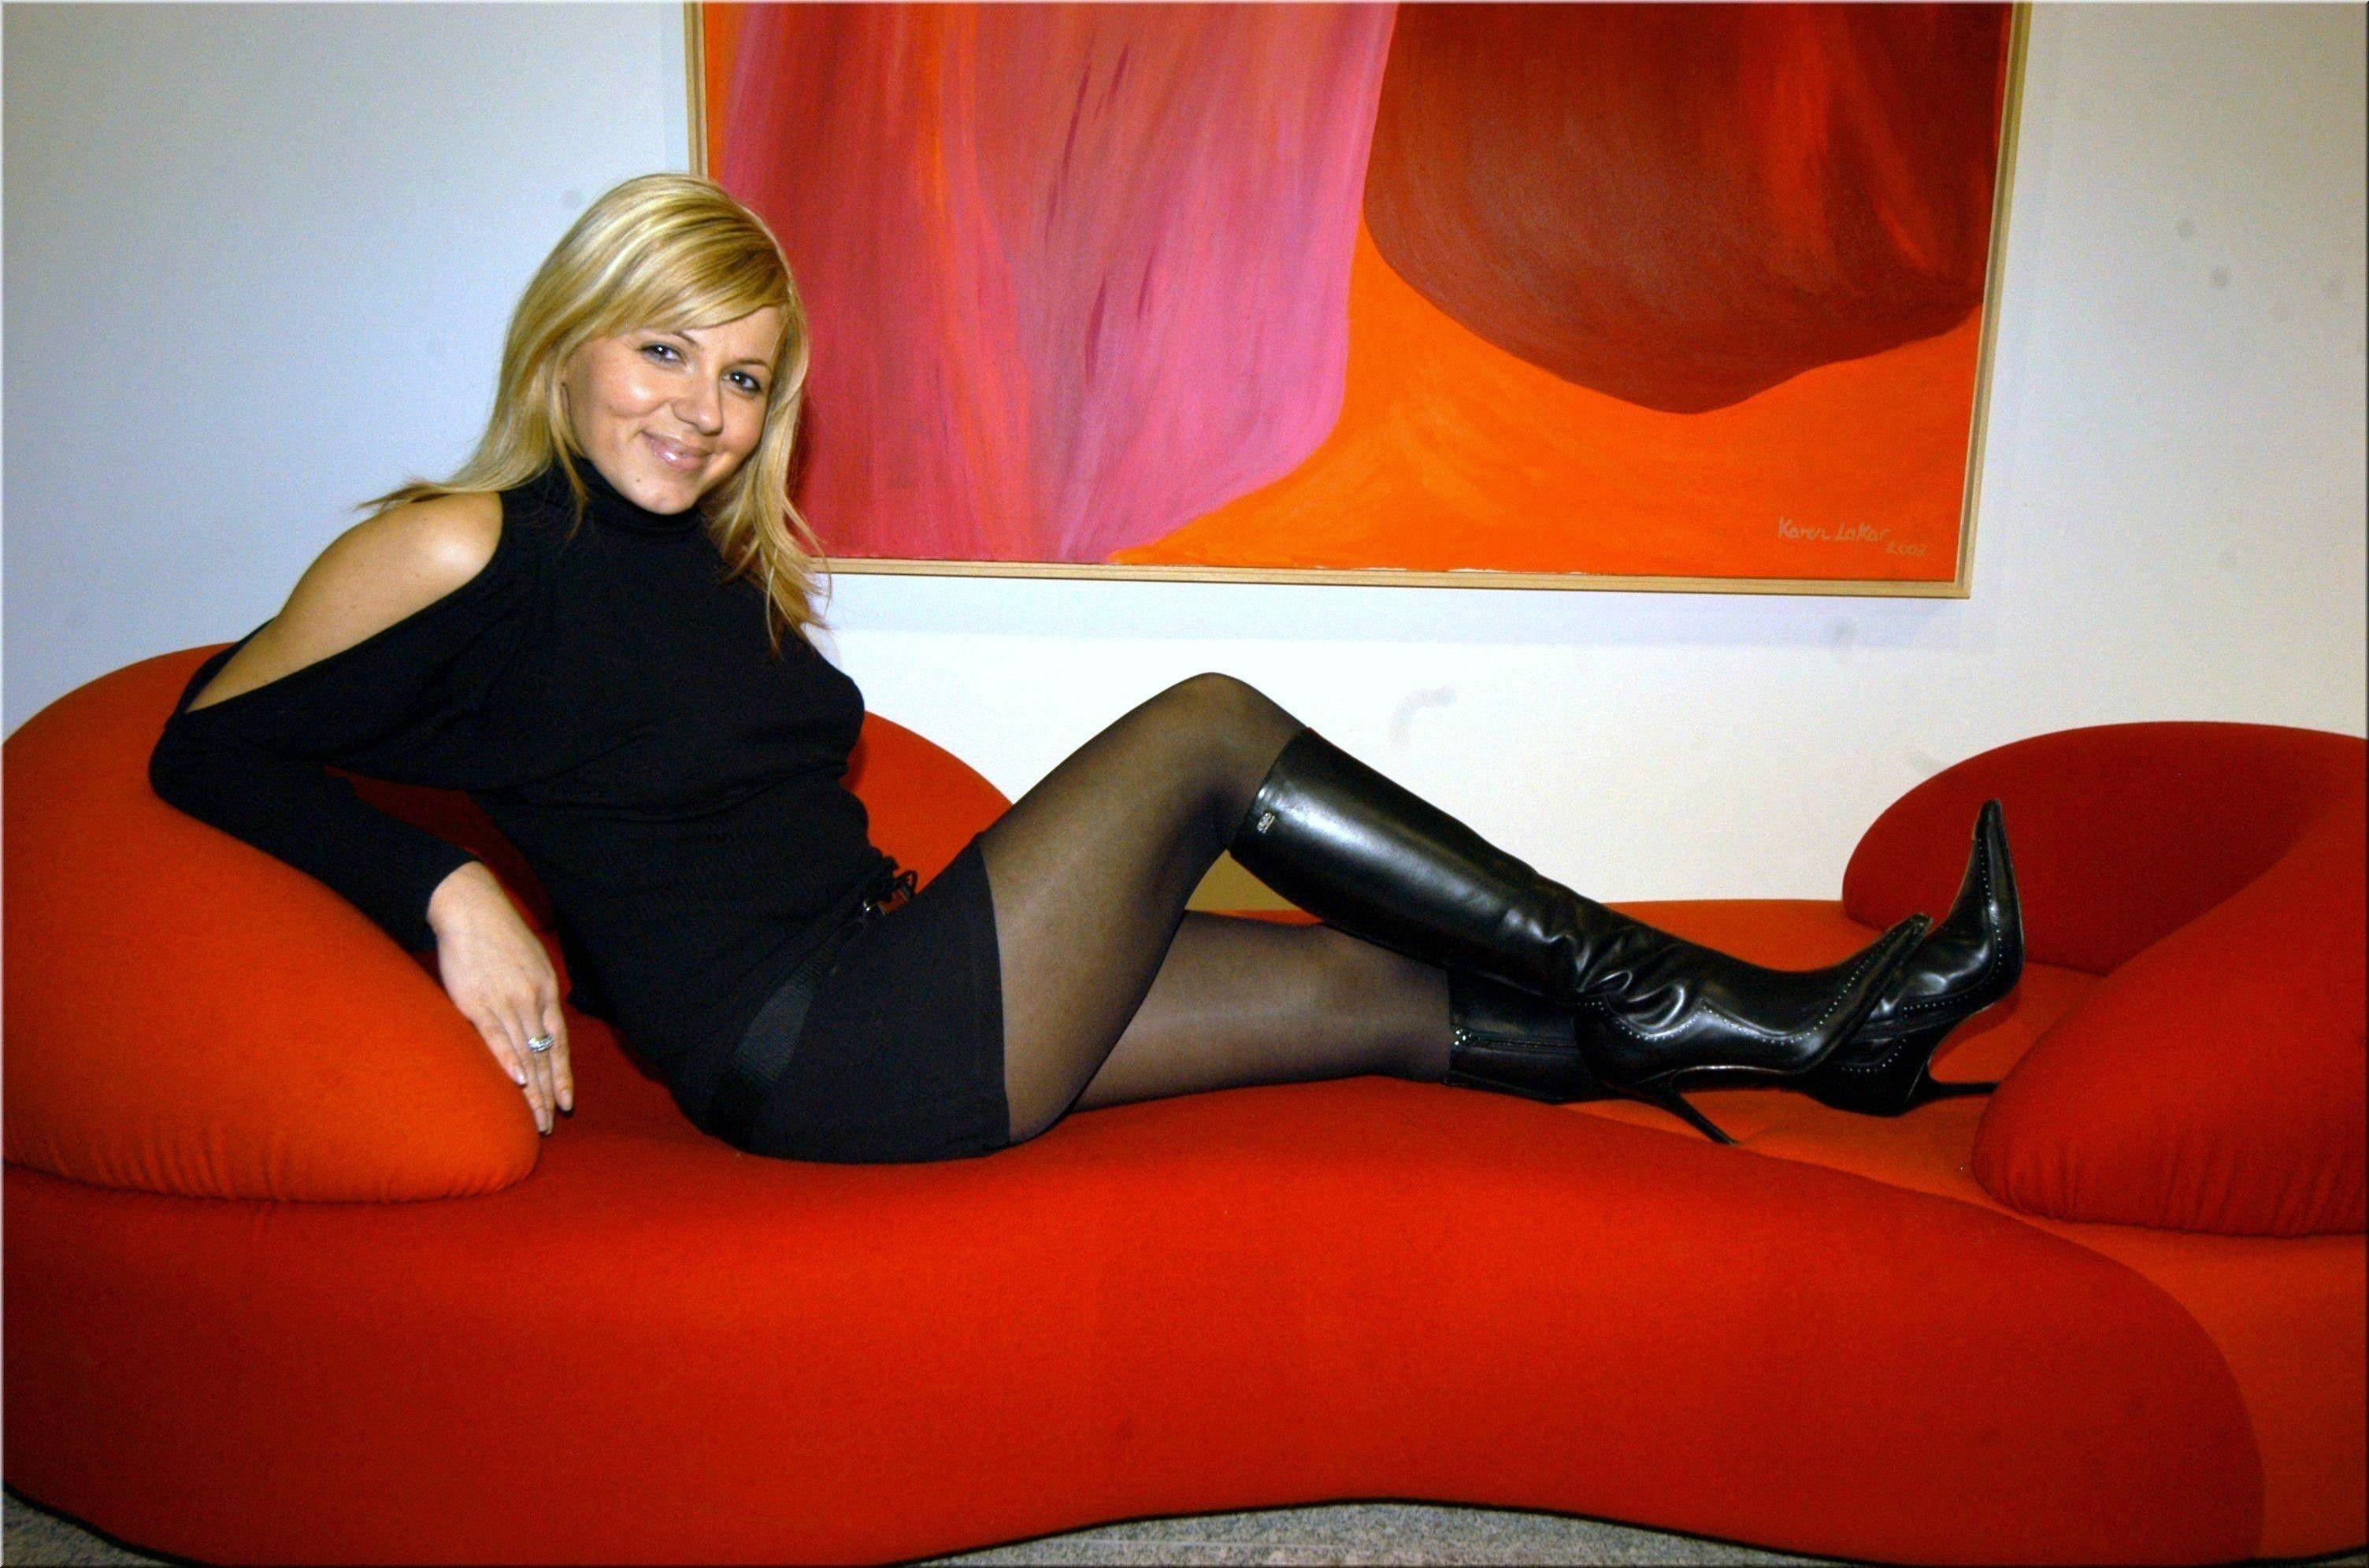 hot blonde in black boots blondes pinterest tolle schuhe schuhe und sch ne frauen. Black Bedroom Furniture Sets. Home Design Ideas